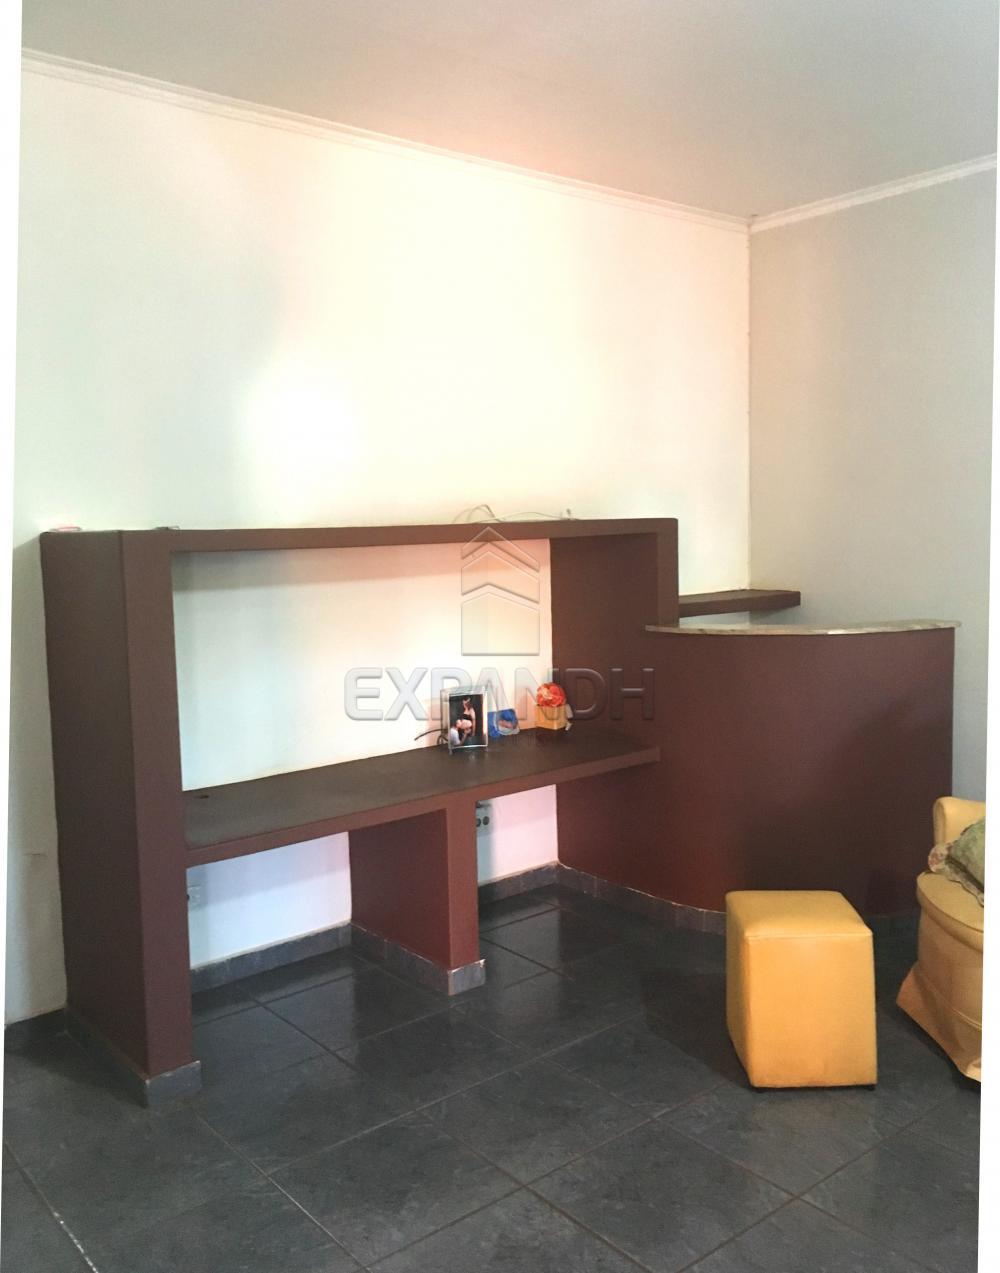 Comprar Casas / Padrão em Sertãozinho R$ 410.000,00 - Foto 2